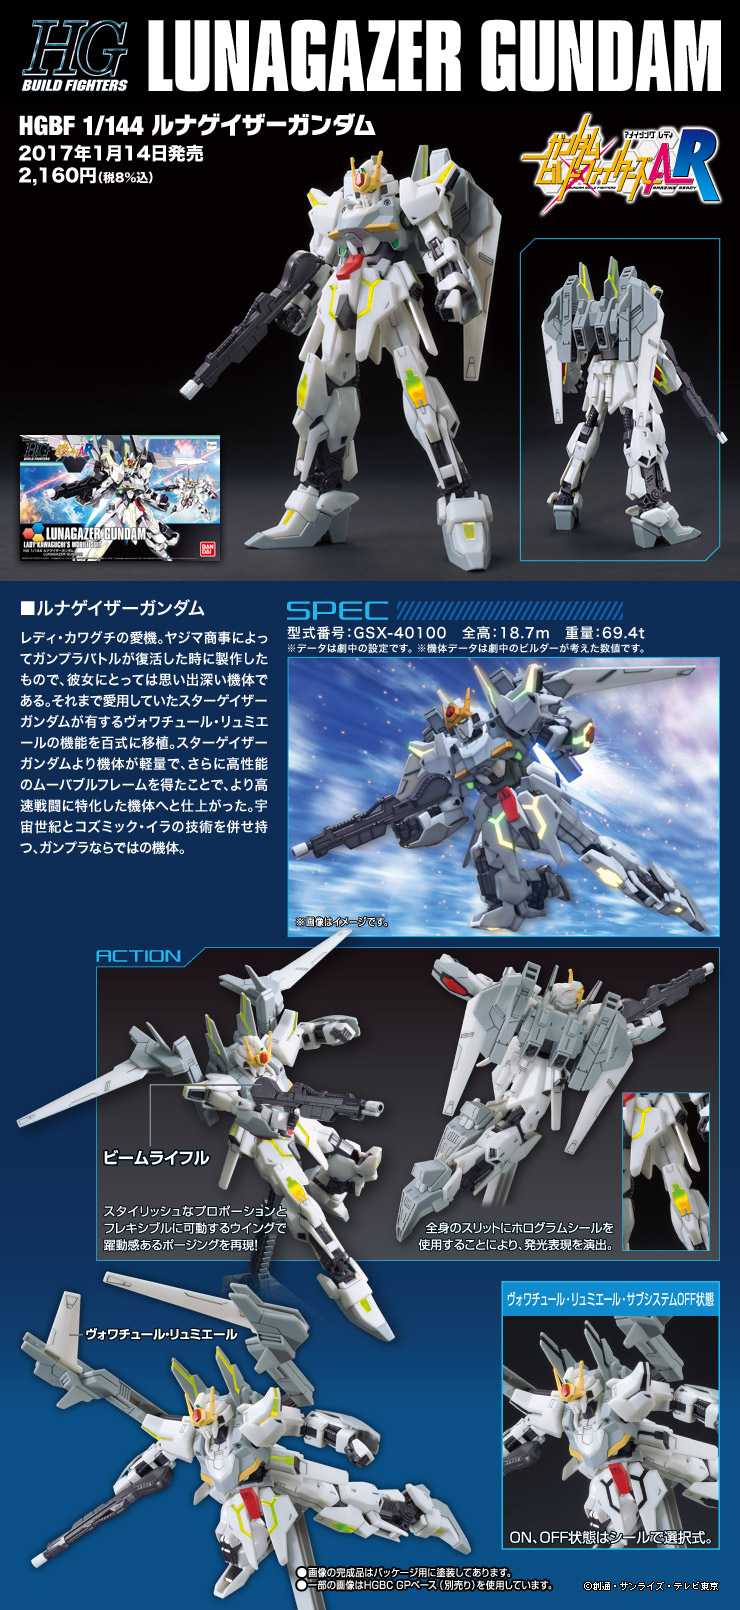 HGBF 1/144 GSX-40100 ルナゲイザーガンダム [Lunagazer Gundam] 公式商品説明(画像)